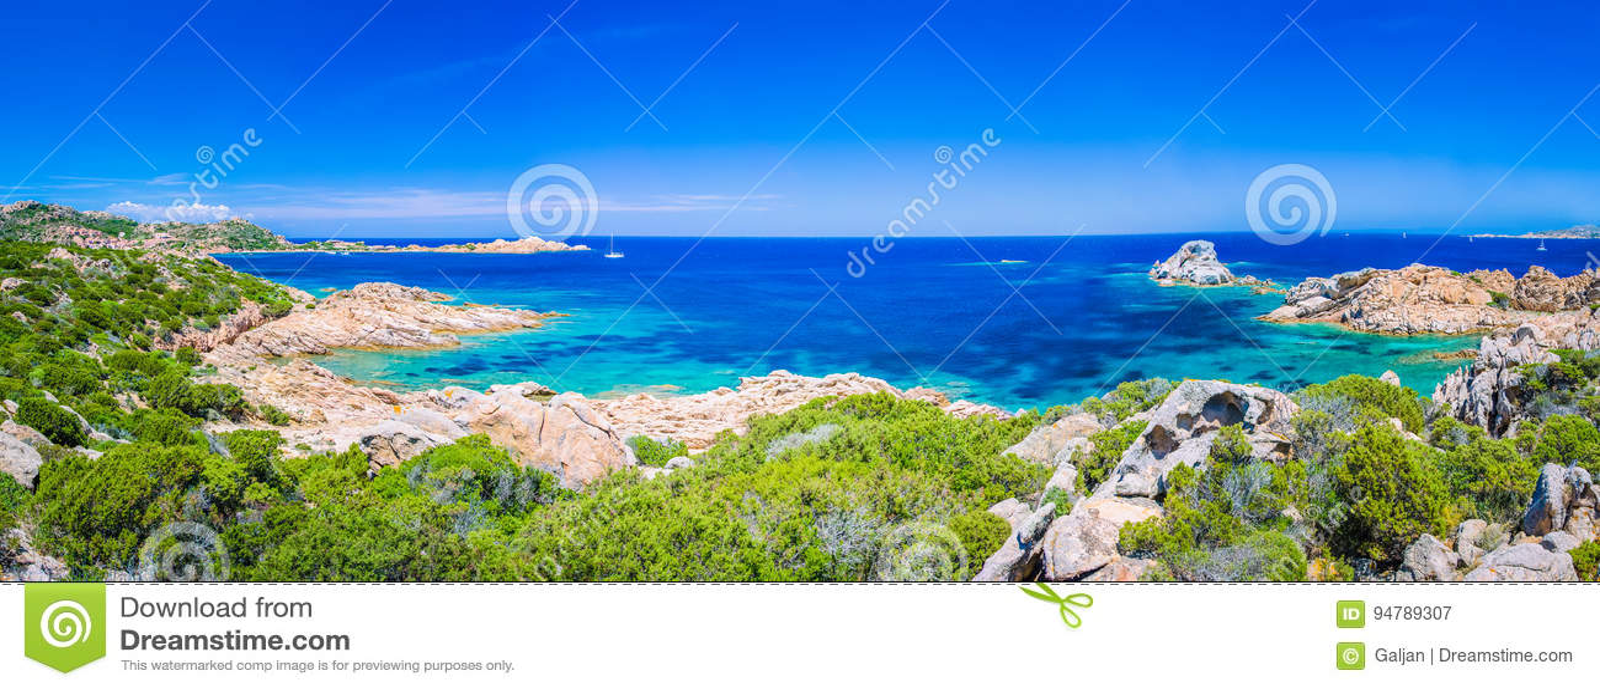 Reines klares azurblaues Meerwasser und erstaunliche Felsen auf Küste von Maddalena-Insel, Sardinien, Italien